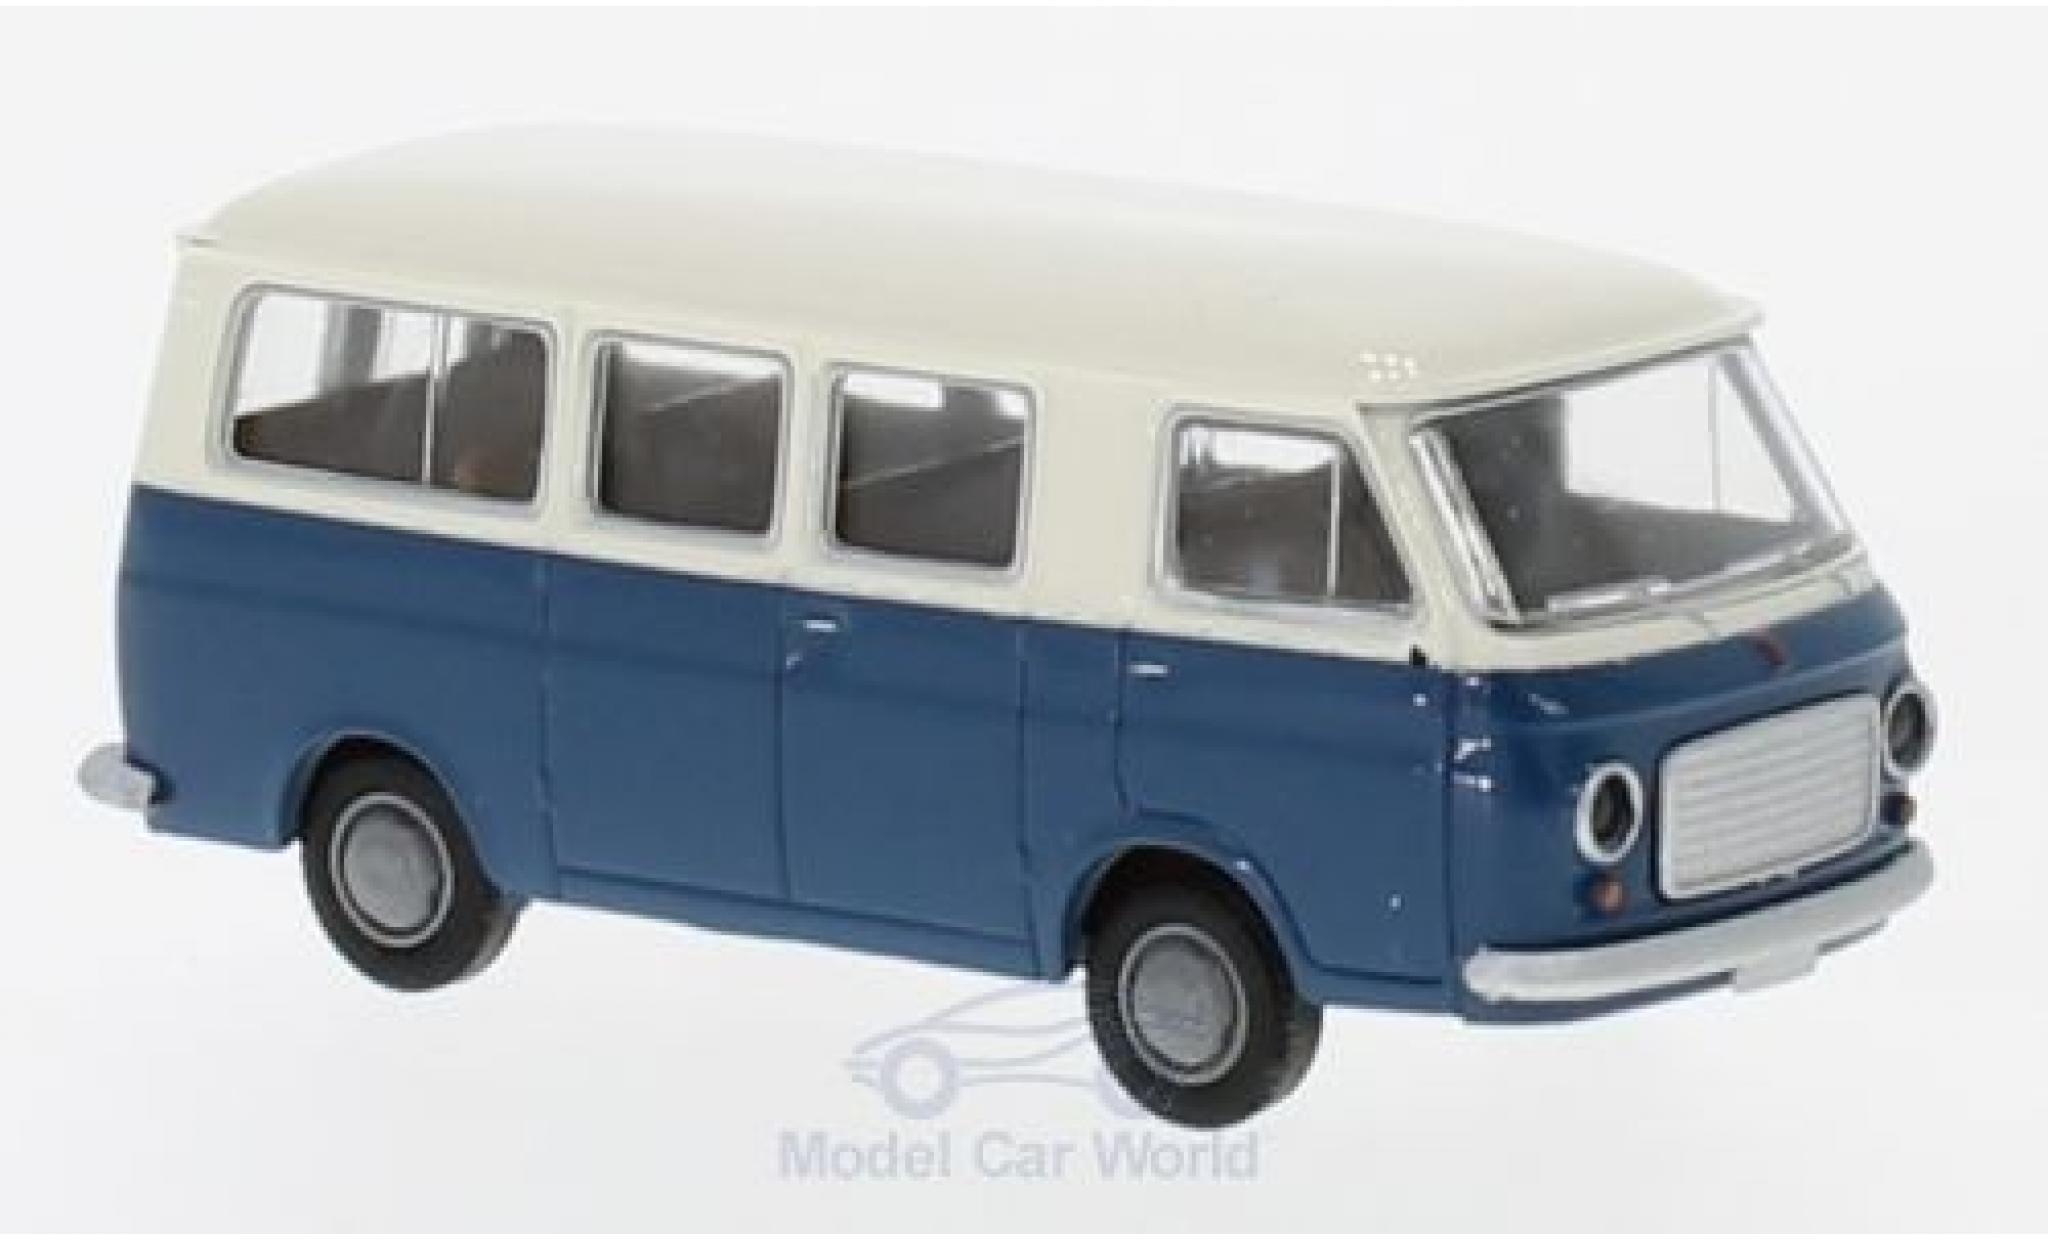 Fiat 238 1/87 Brekina Bus white/blue